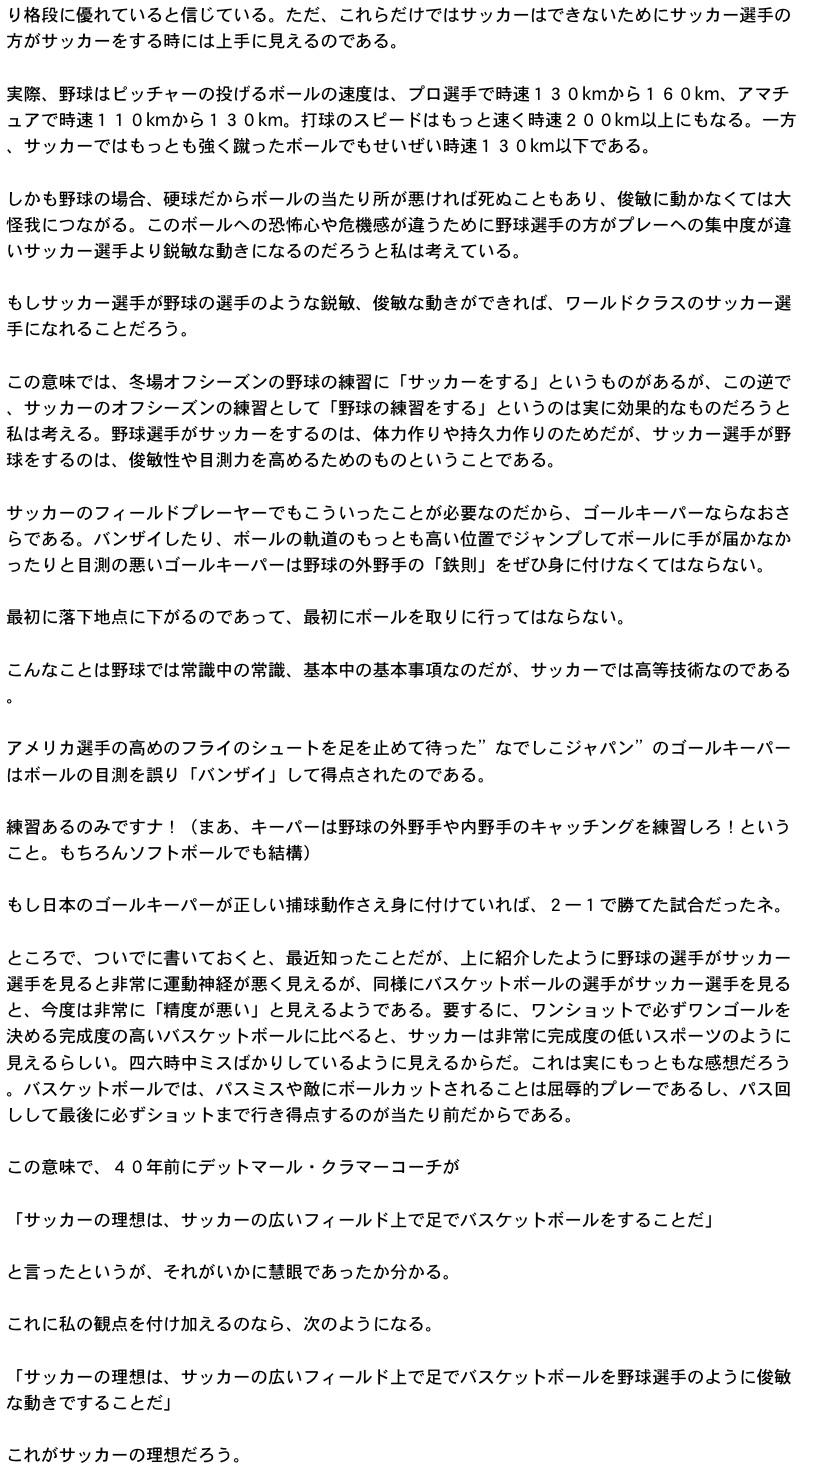 なでしこジャパンW杯初優勝おめでとう2:「なでしこは一日にしてならず」」_e0171614_13365228.jpg